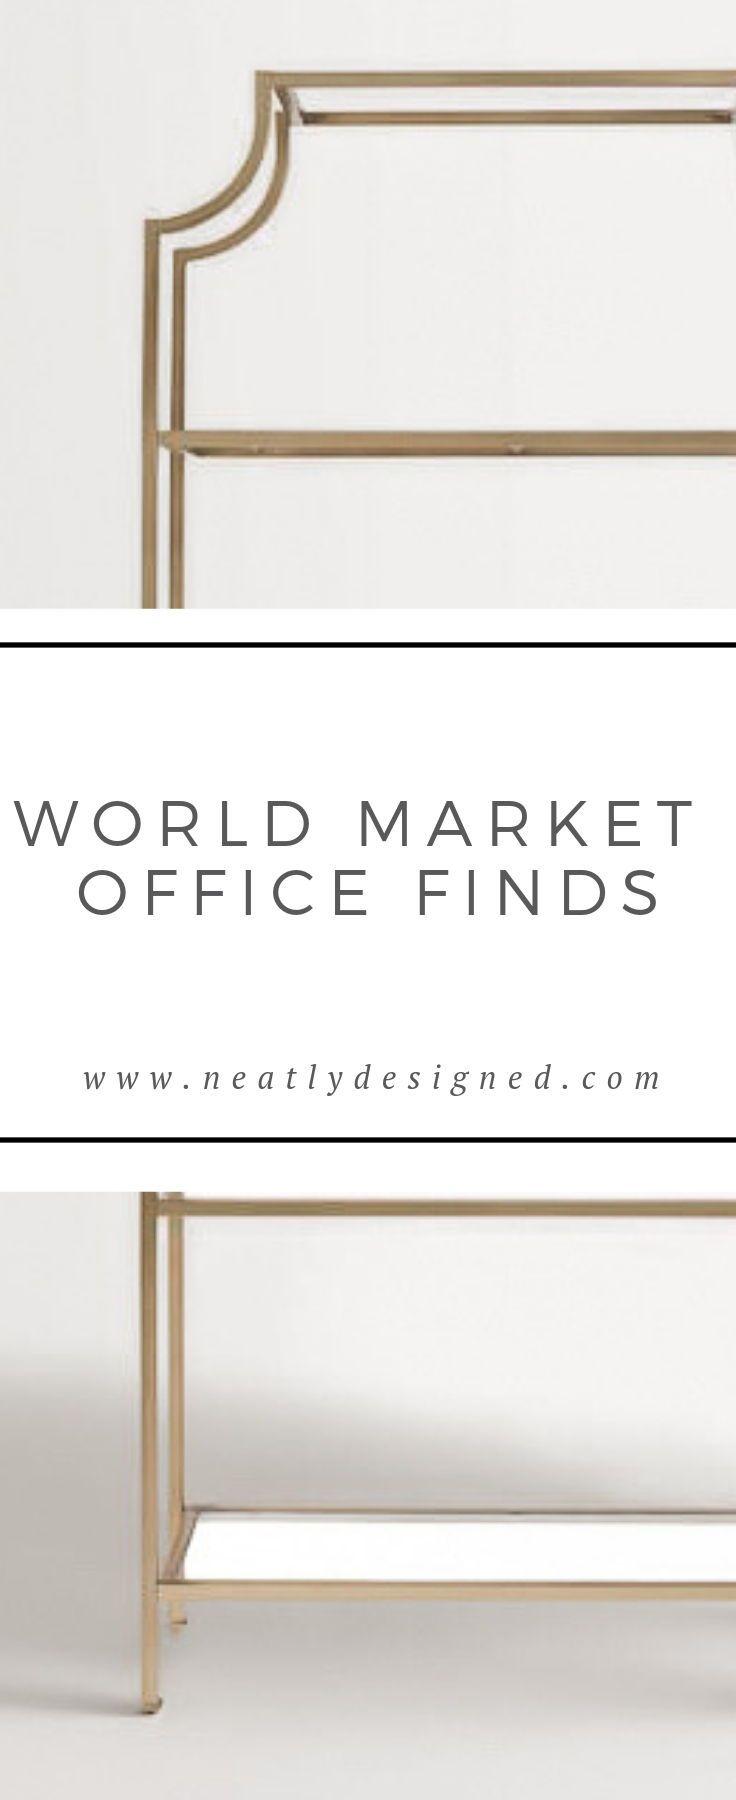 World market office finds neatly designed organizer organizing